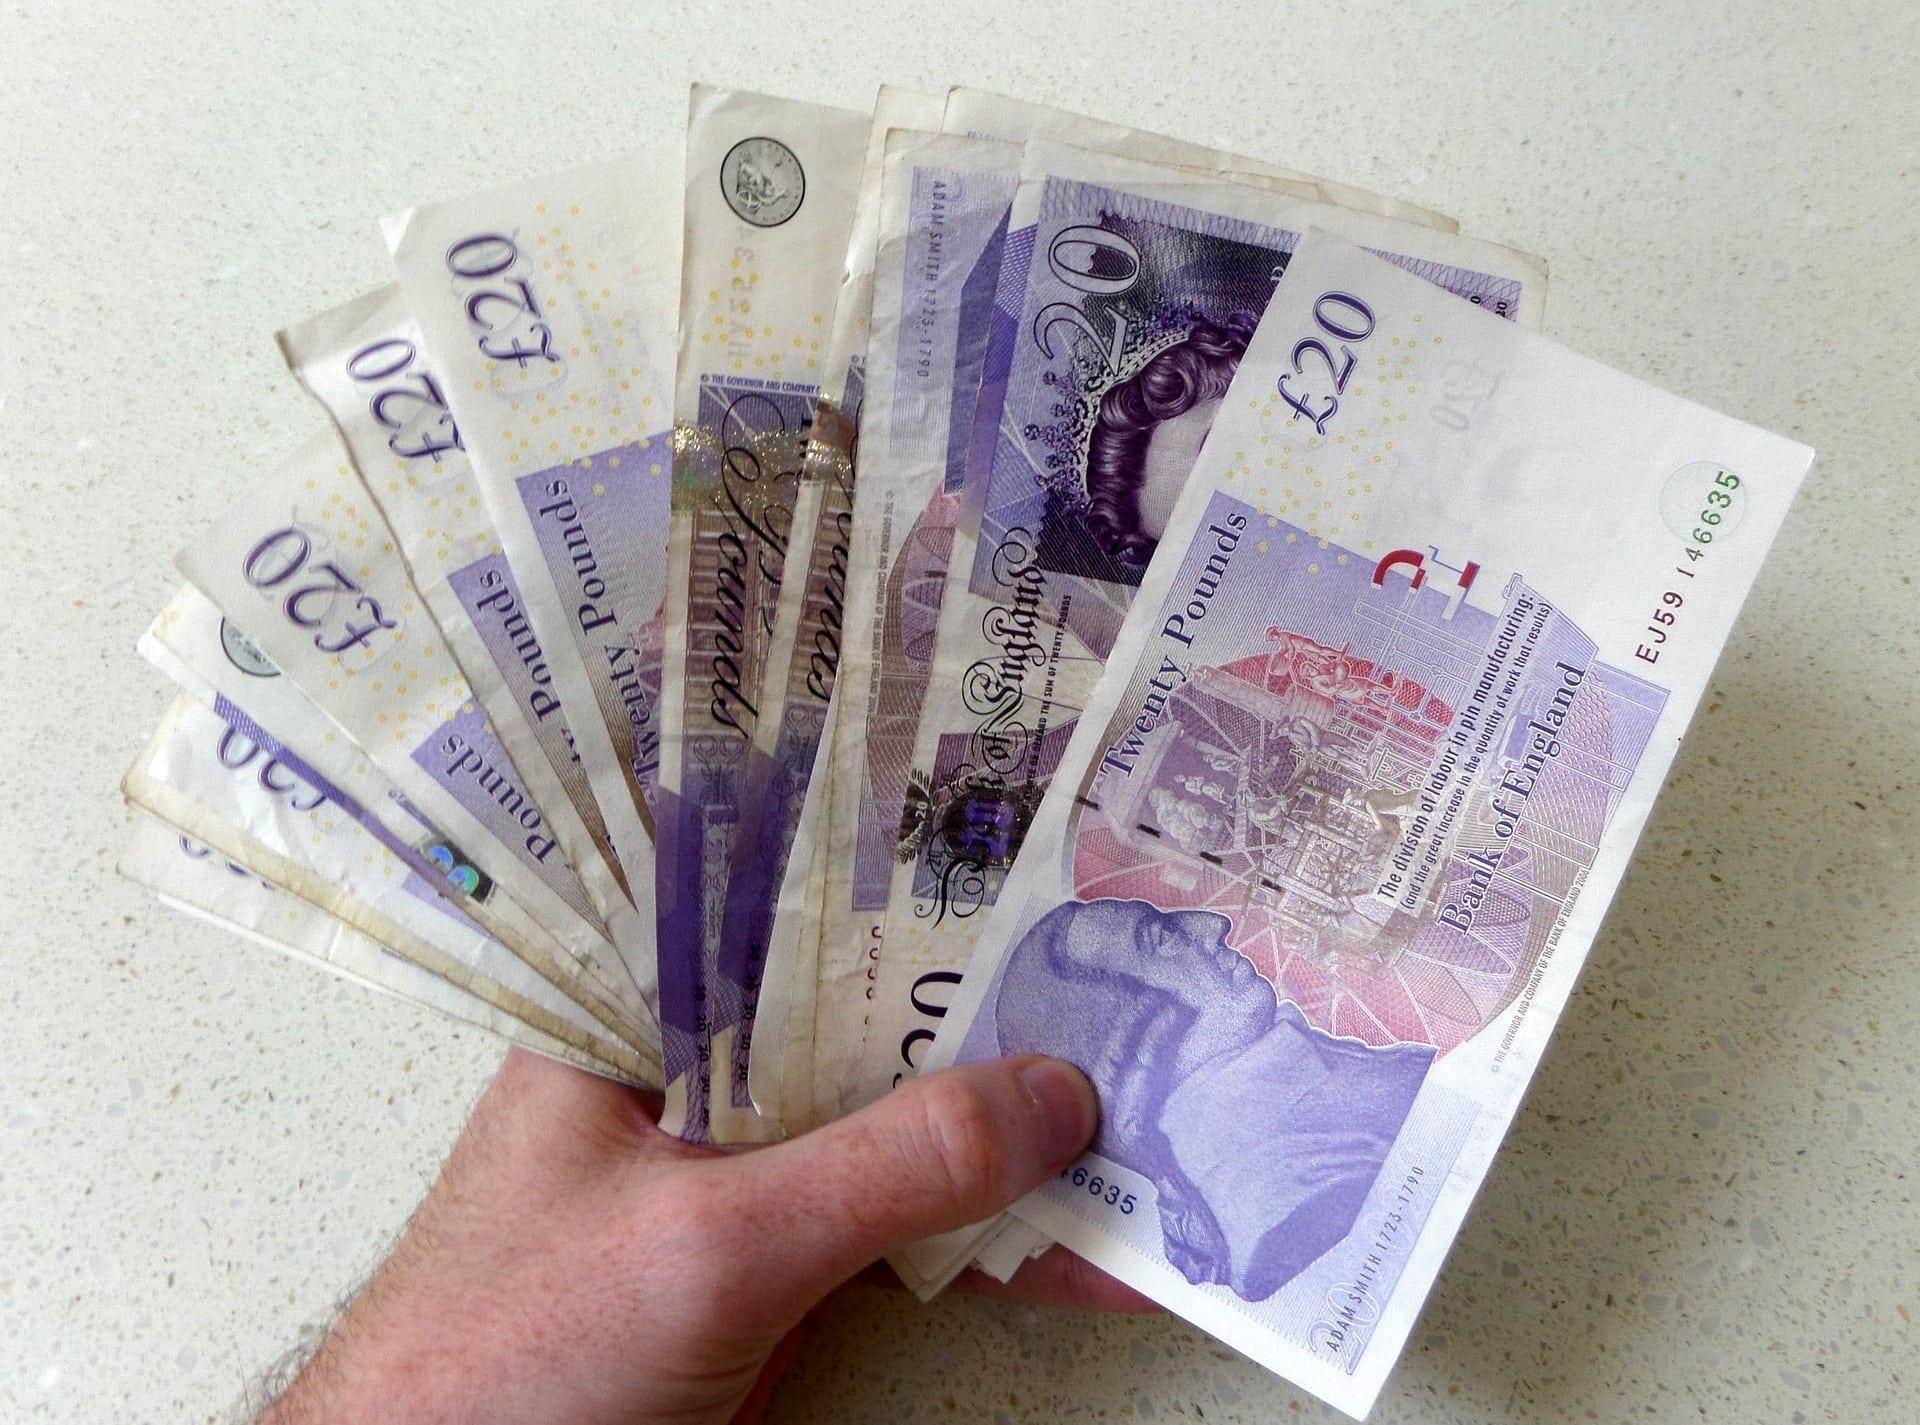 ganhar dinheiro rápido